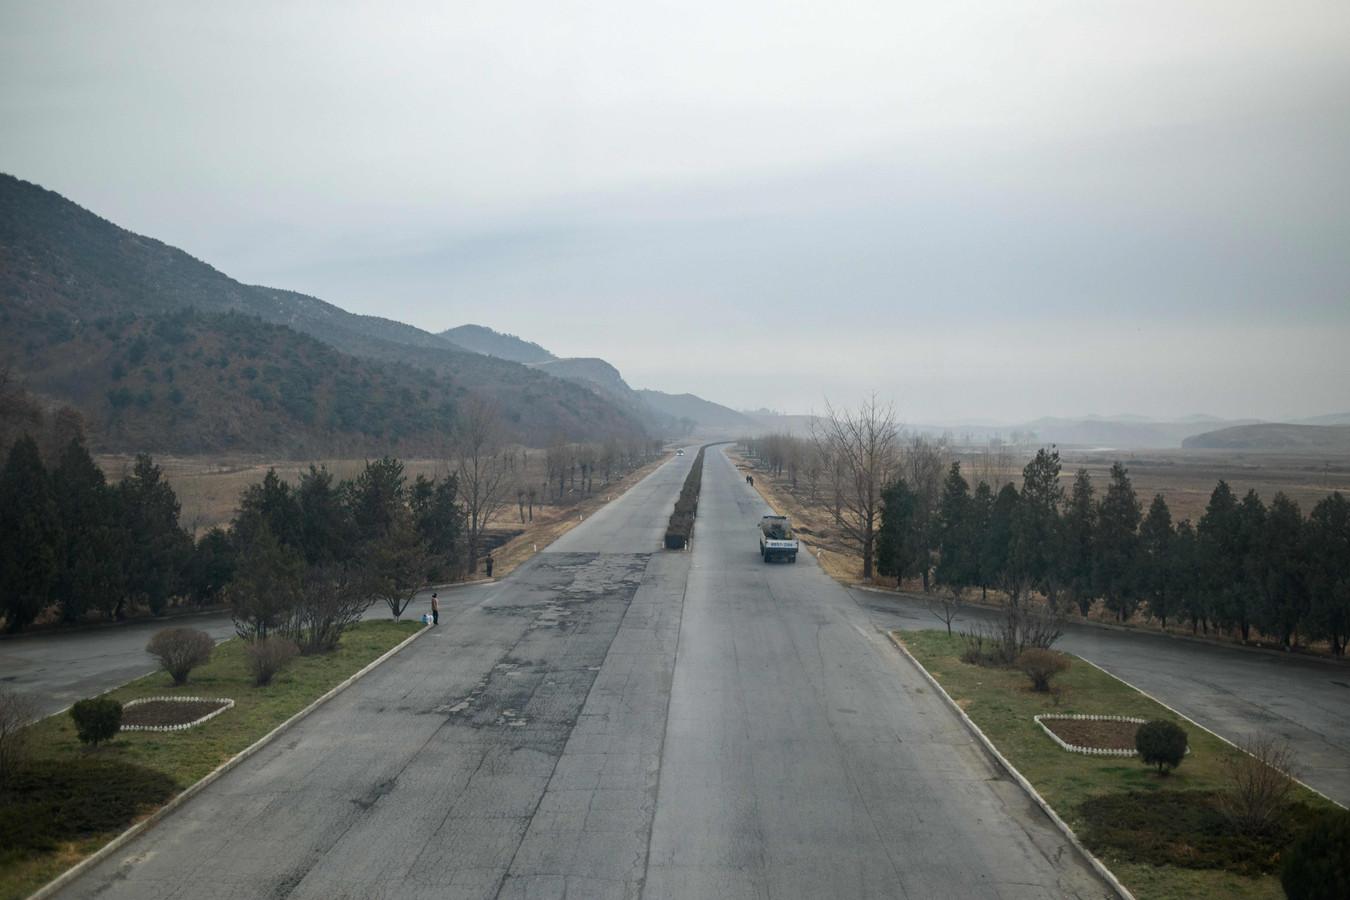 De Noord-Koreaanse snelweg tussen Kaesong en Pyongyang, waar het ongeluk met de Chinese touringcar gebeurde.